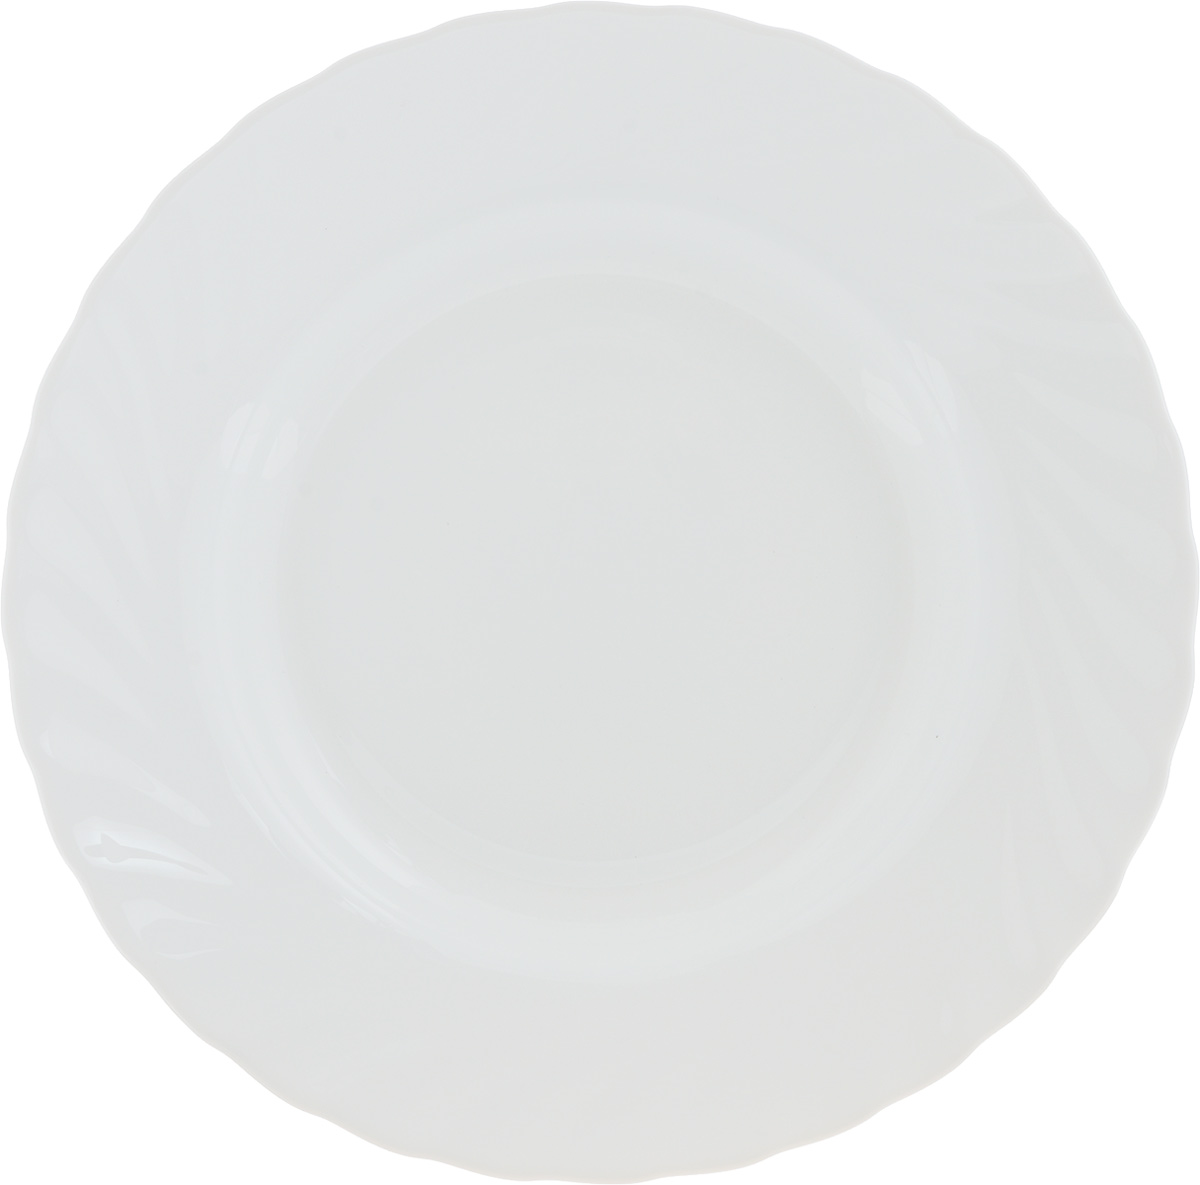 Тарелка суповая Luminarc Trianon White, диаметр 22 см61260Суповая тарелка Luminarc Trianon White, выполненная из высококачественной стеклокерамики, оформлена в классическом стиле. Изящный дизайн придется по вкусу и ценителям классики, и тем, кто предпочитает утонченность. Тарелка Chinbull идеально подойдет для сервировки стола и станет отличным подарком к любому празднику.Диаметр (по верхнему краю): 22 см.Высота стенки: 6 см.